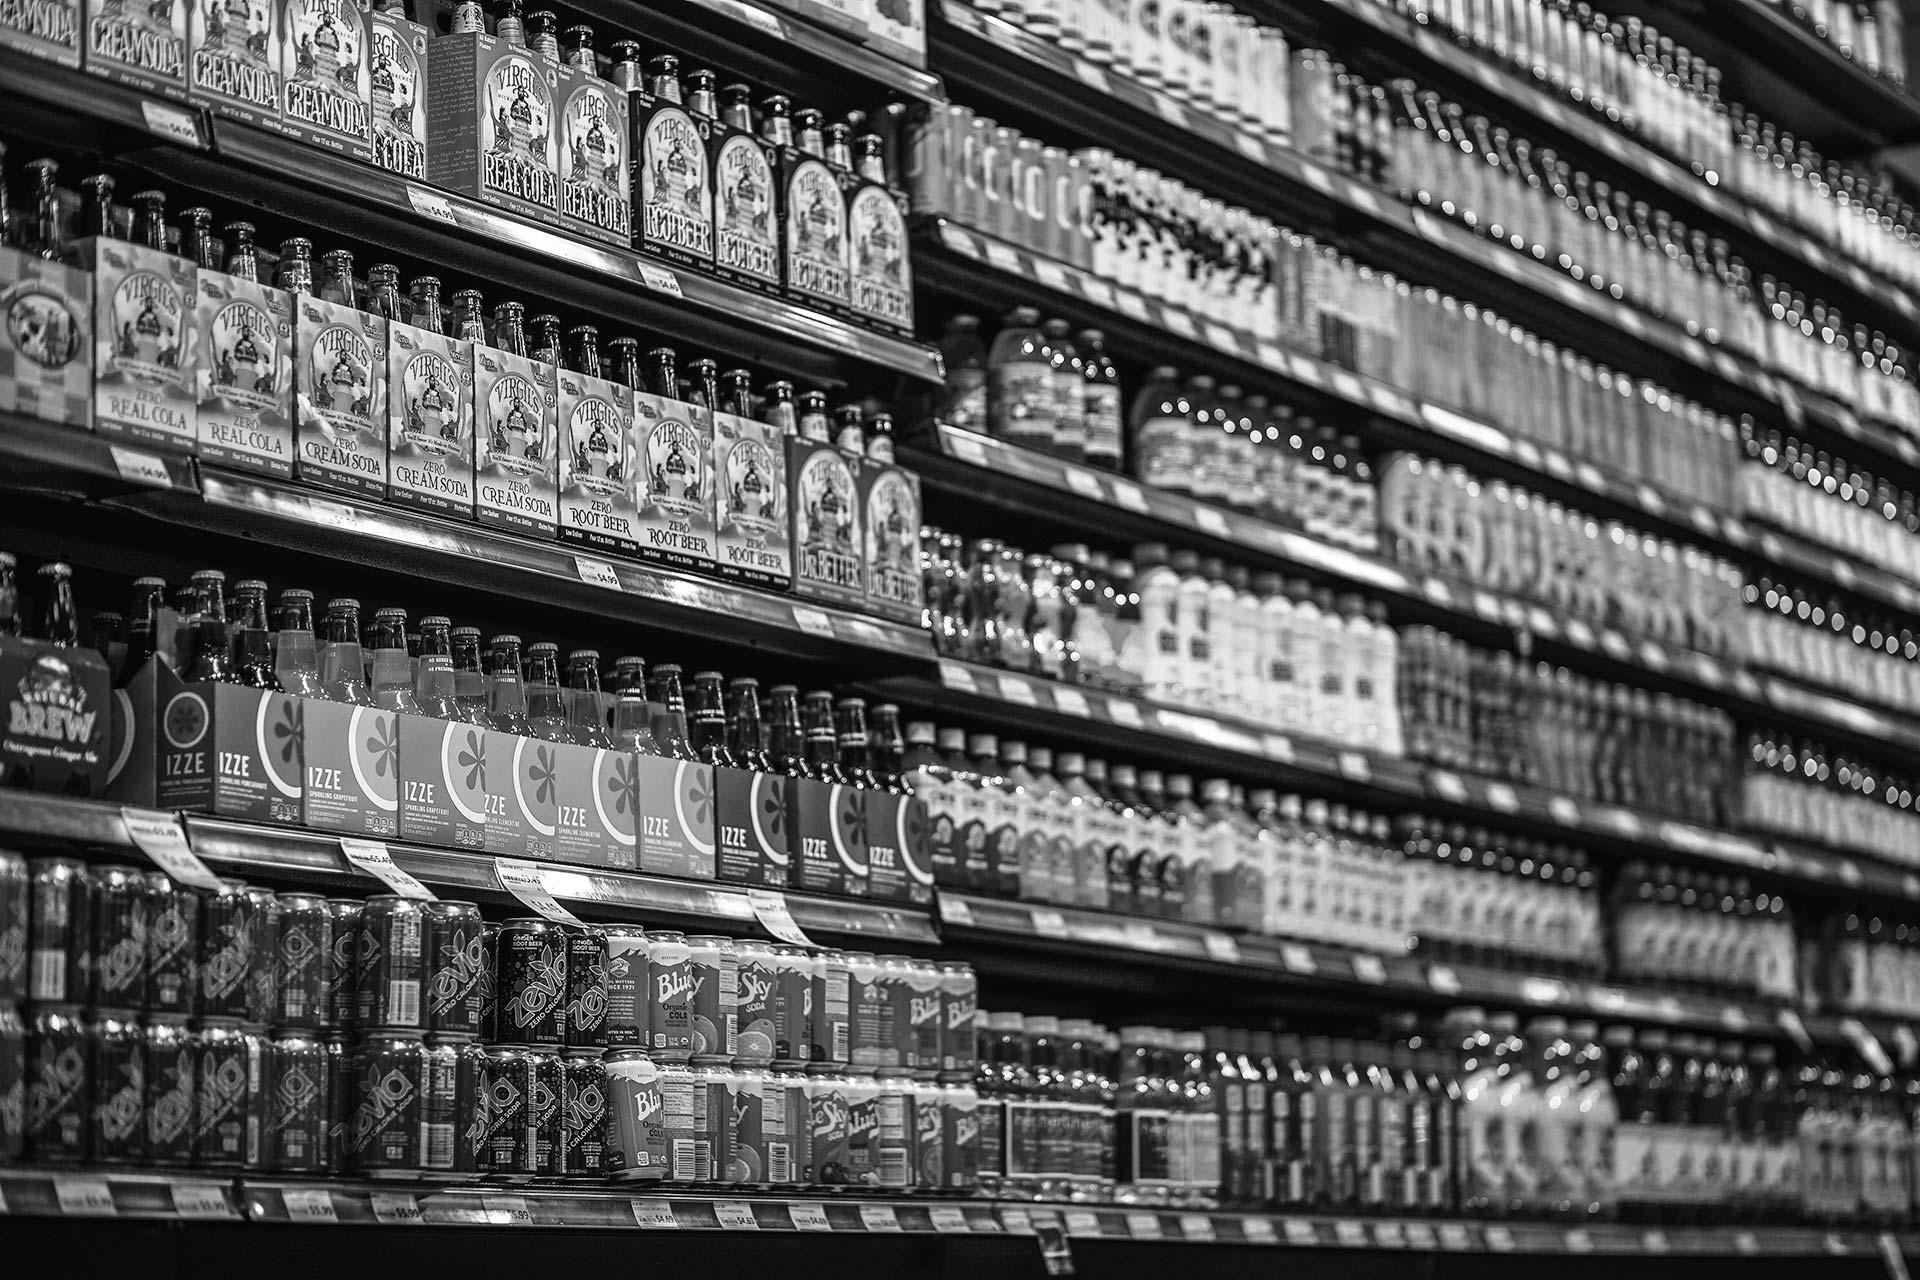 Datenschutz Supermarkt